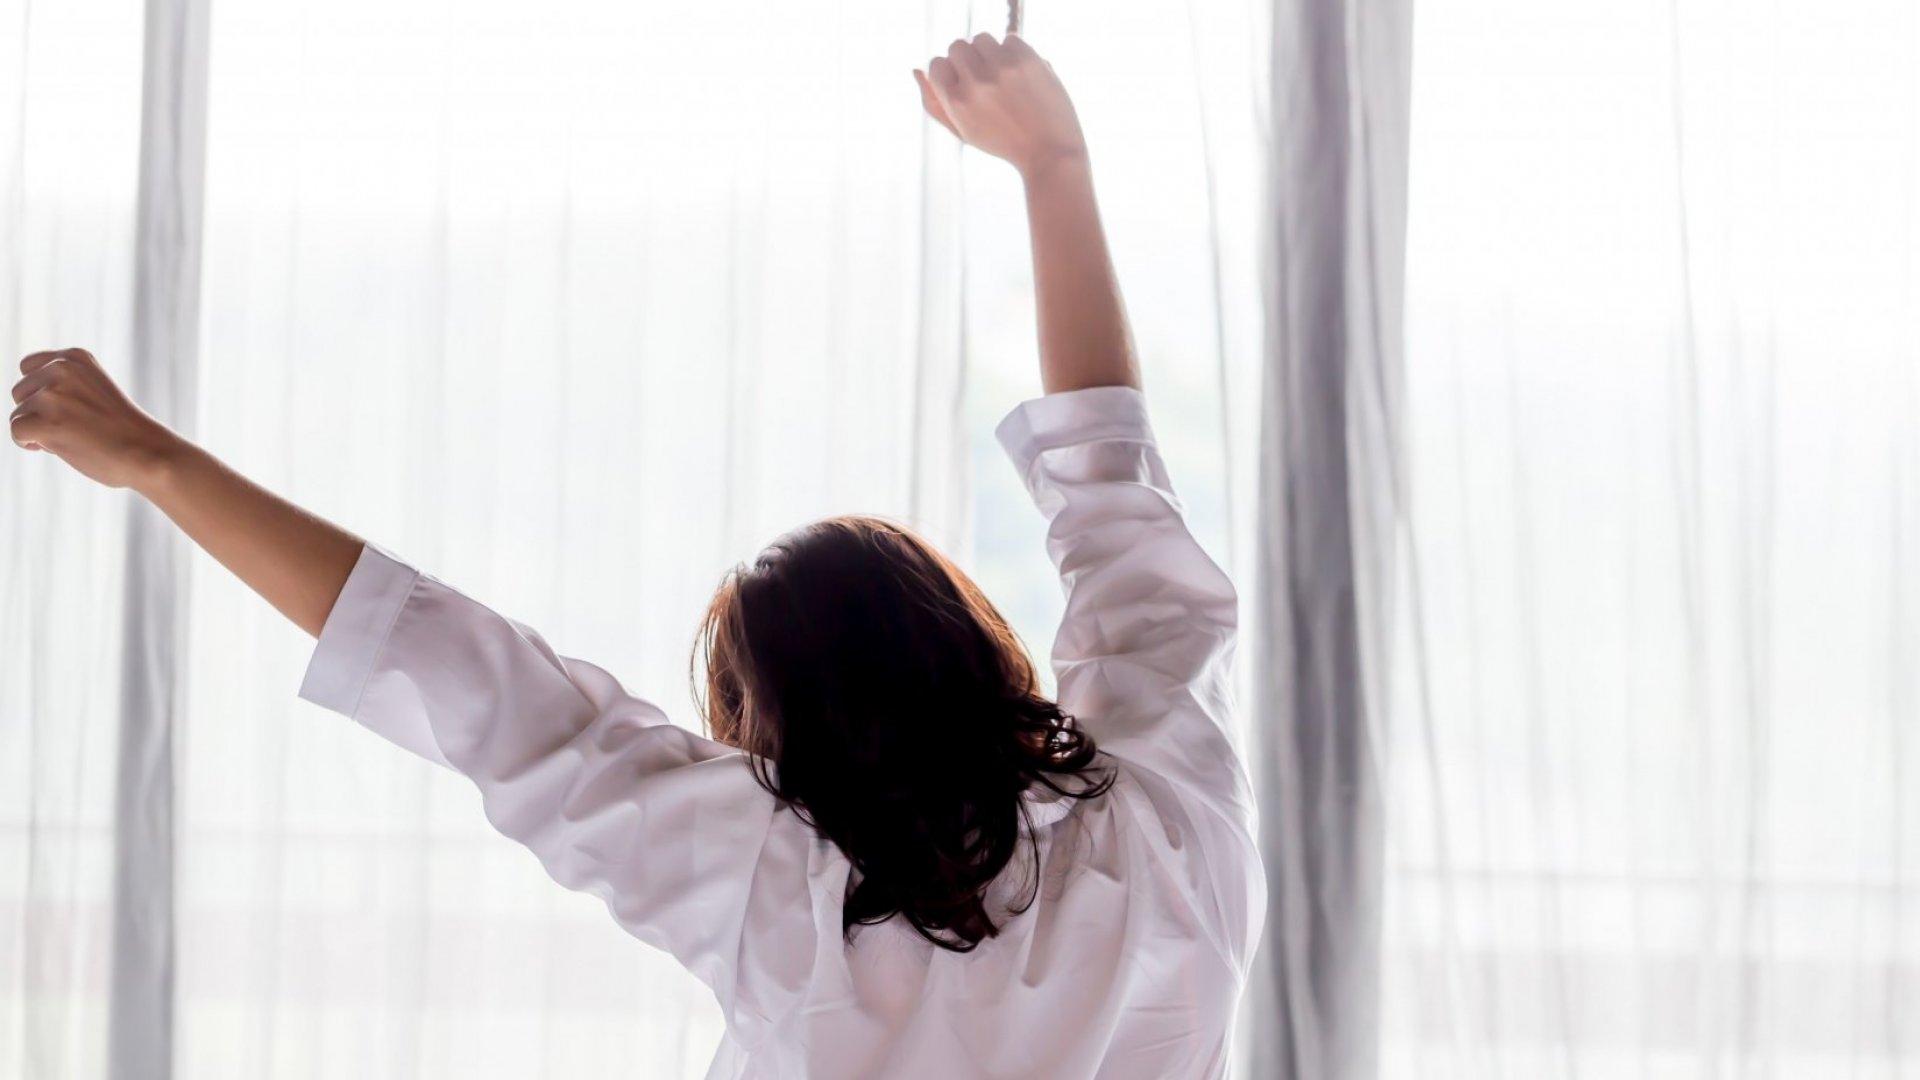 من مراسلة الحبيب إلى المنبّه.. عادات صباحية سيئة تجنّبيها ليومٍ أفضل